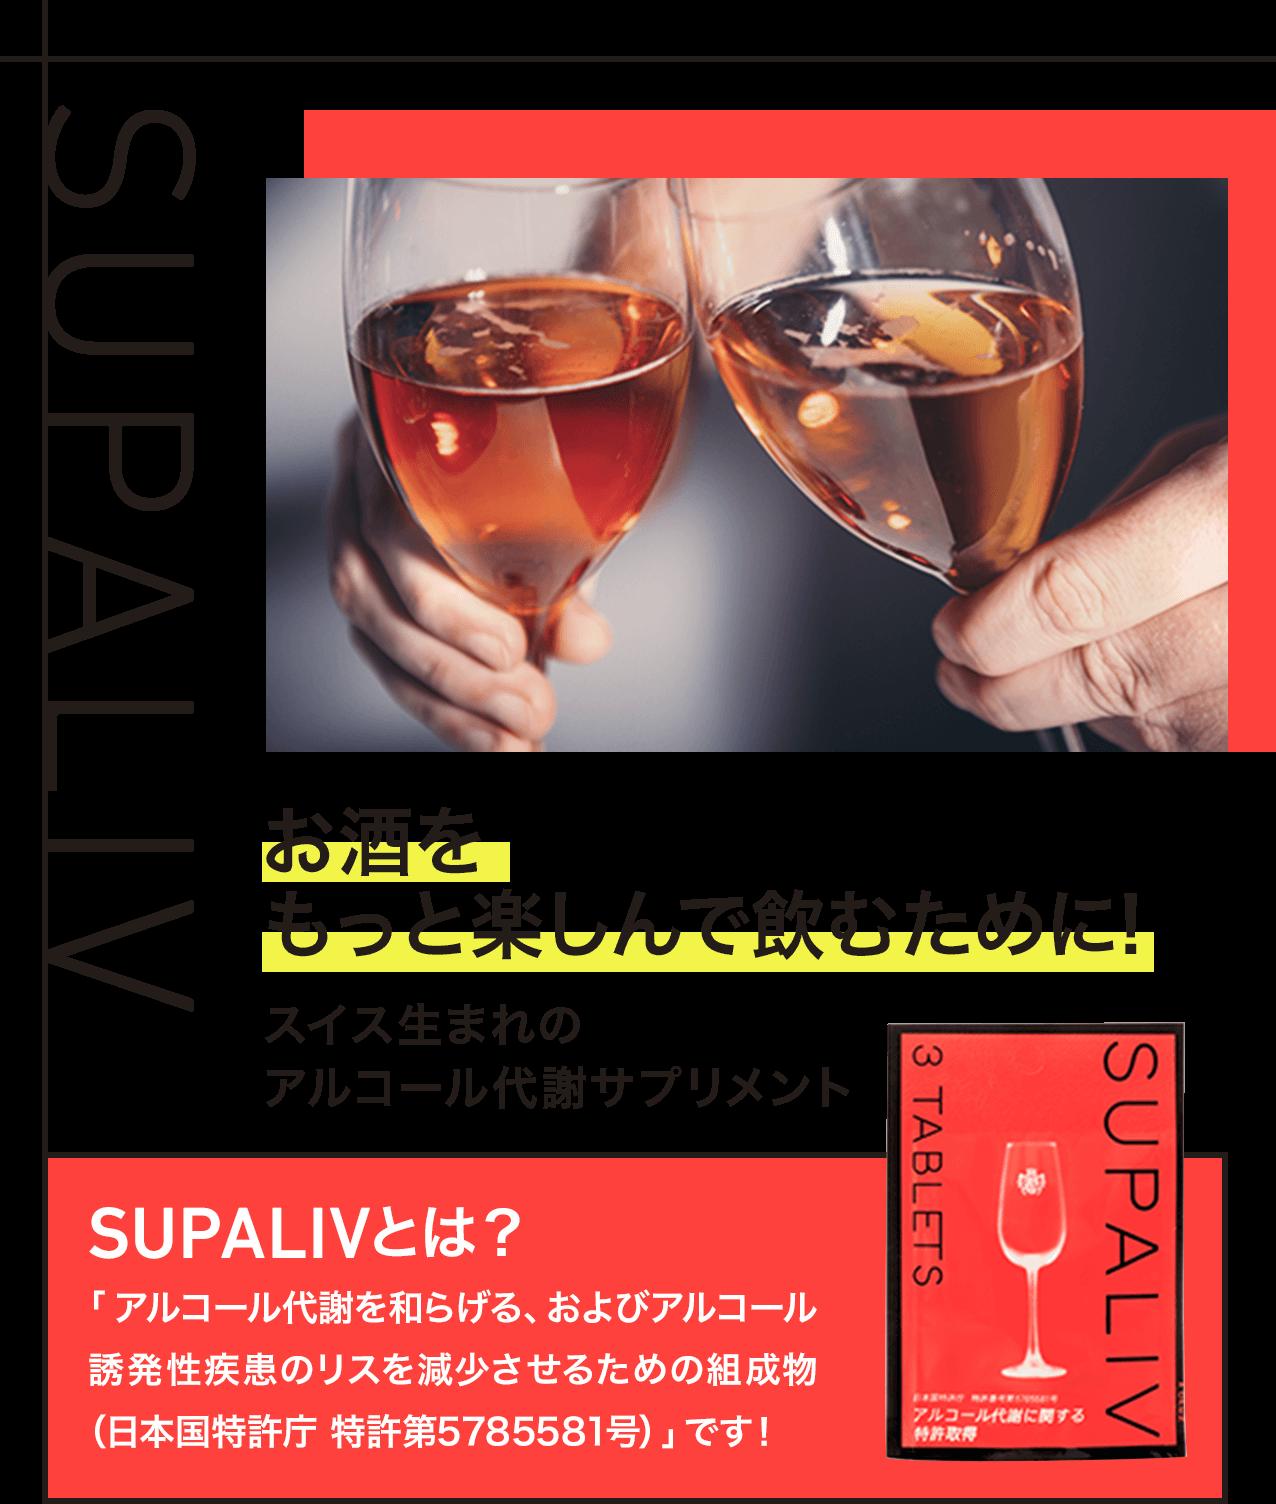 SUPALIV お酒をもっと楽しんで飲むために! スイス生まれのアルコール代謝サプリメント SUPALIVとは? 「アルコール代謝を和らげる、およびアルコール誘発性疾患のリスクを減少させるための組成物(日本国特許庁 特許第5785581号)」です!